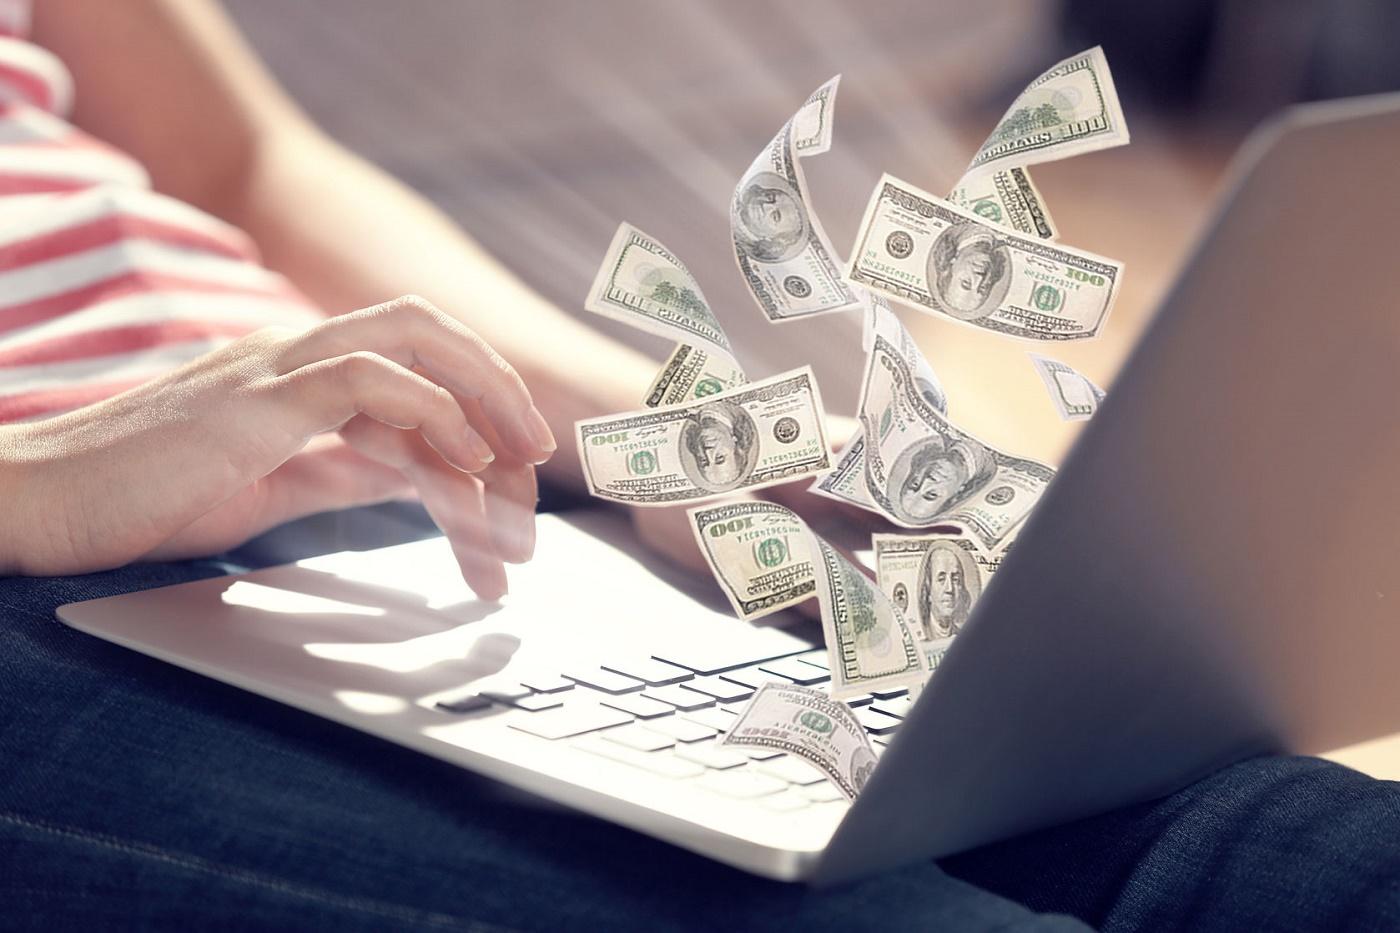 Webinário gratuito: Como fazer um planejamento financeiro que funciona